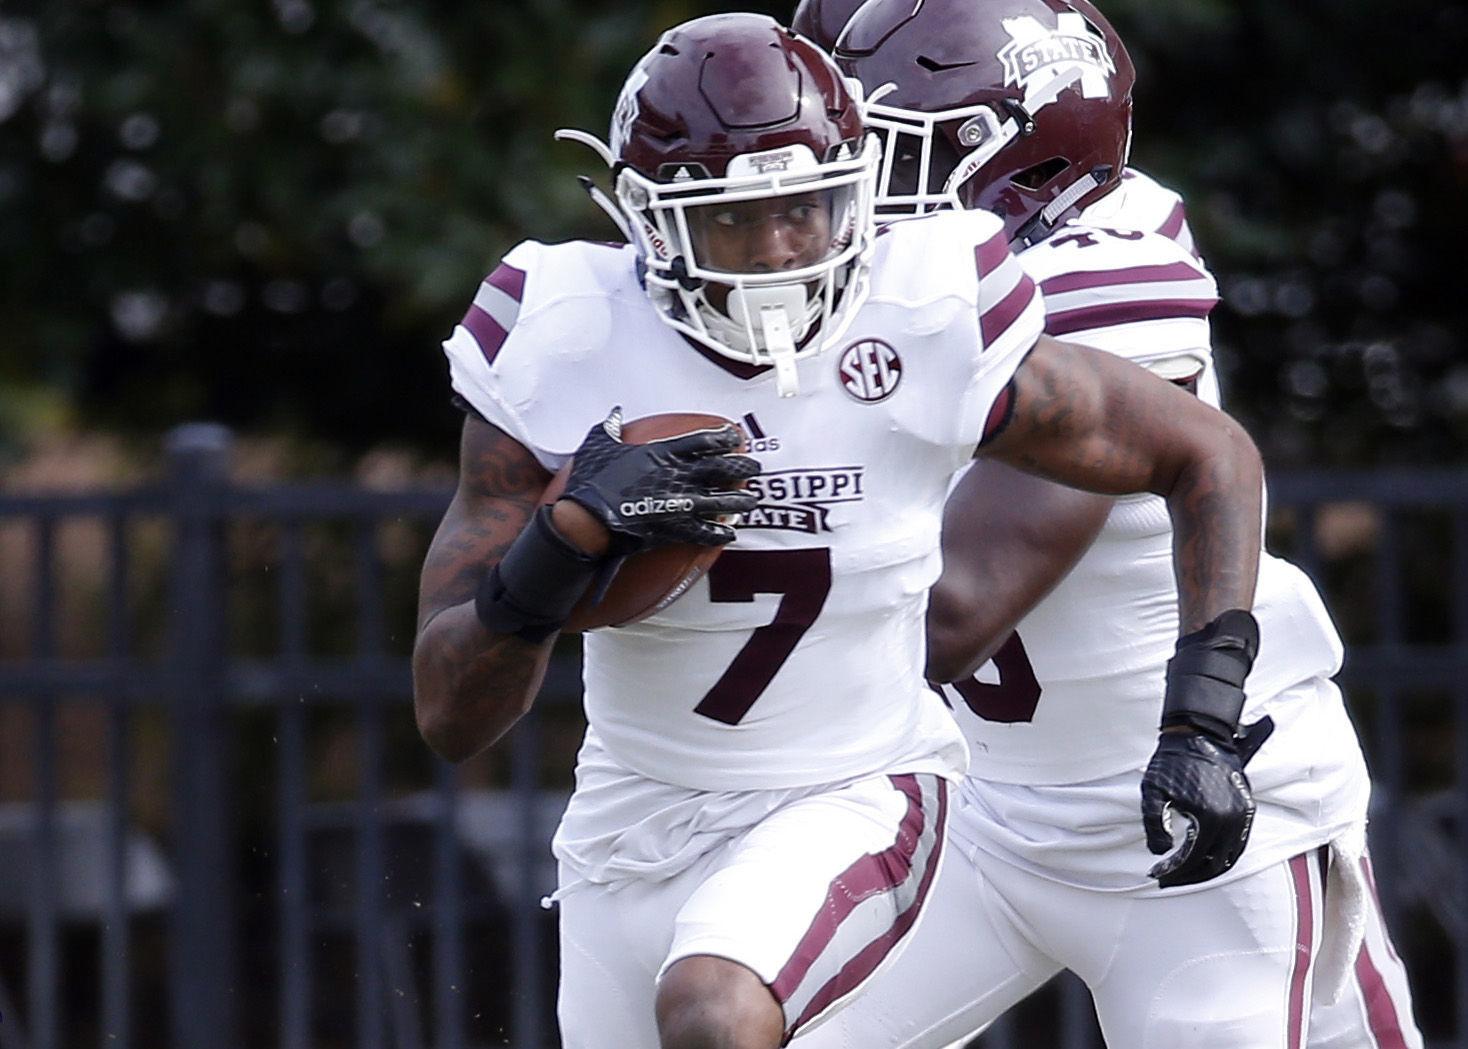 MSU NOTEBOOK: Murphy will start out on defense | Sports | djournal.com